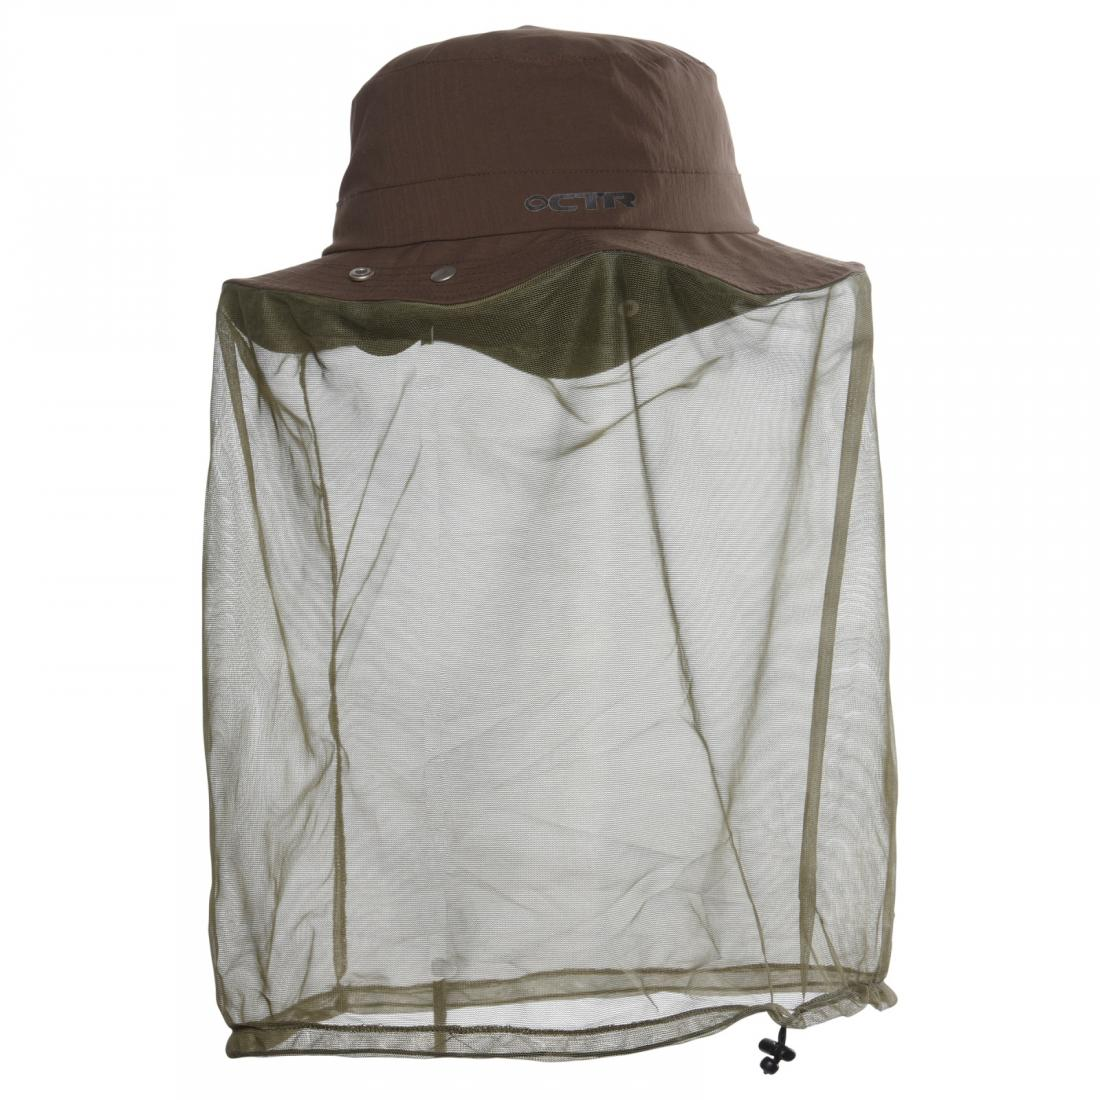 Панама Chaos  Summit Mosquito HatПанамы<br><br> Если надоедливые насекомые мешают вам наслаждаться походом или рыбалкой, панама Chaos Summit Mosquito Hat станет отличным решением проблемы. Этот практичный и удобный головной убор оснащен москитной сеткой, благодаря которой комары и мошки больше н...<br><br>Цвет: Фиолетовый<br>Размер: S-M